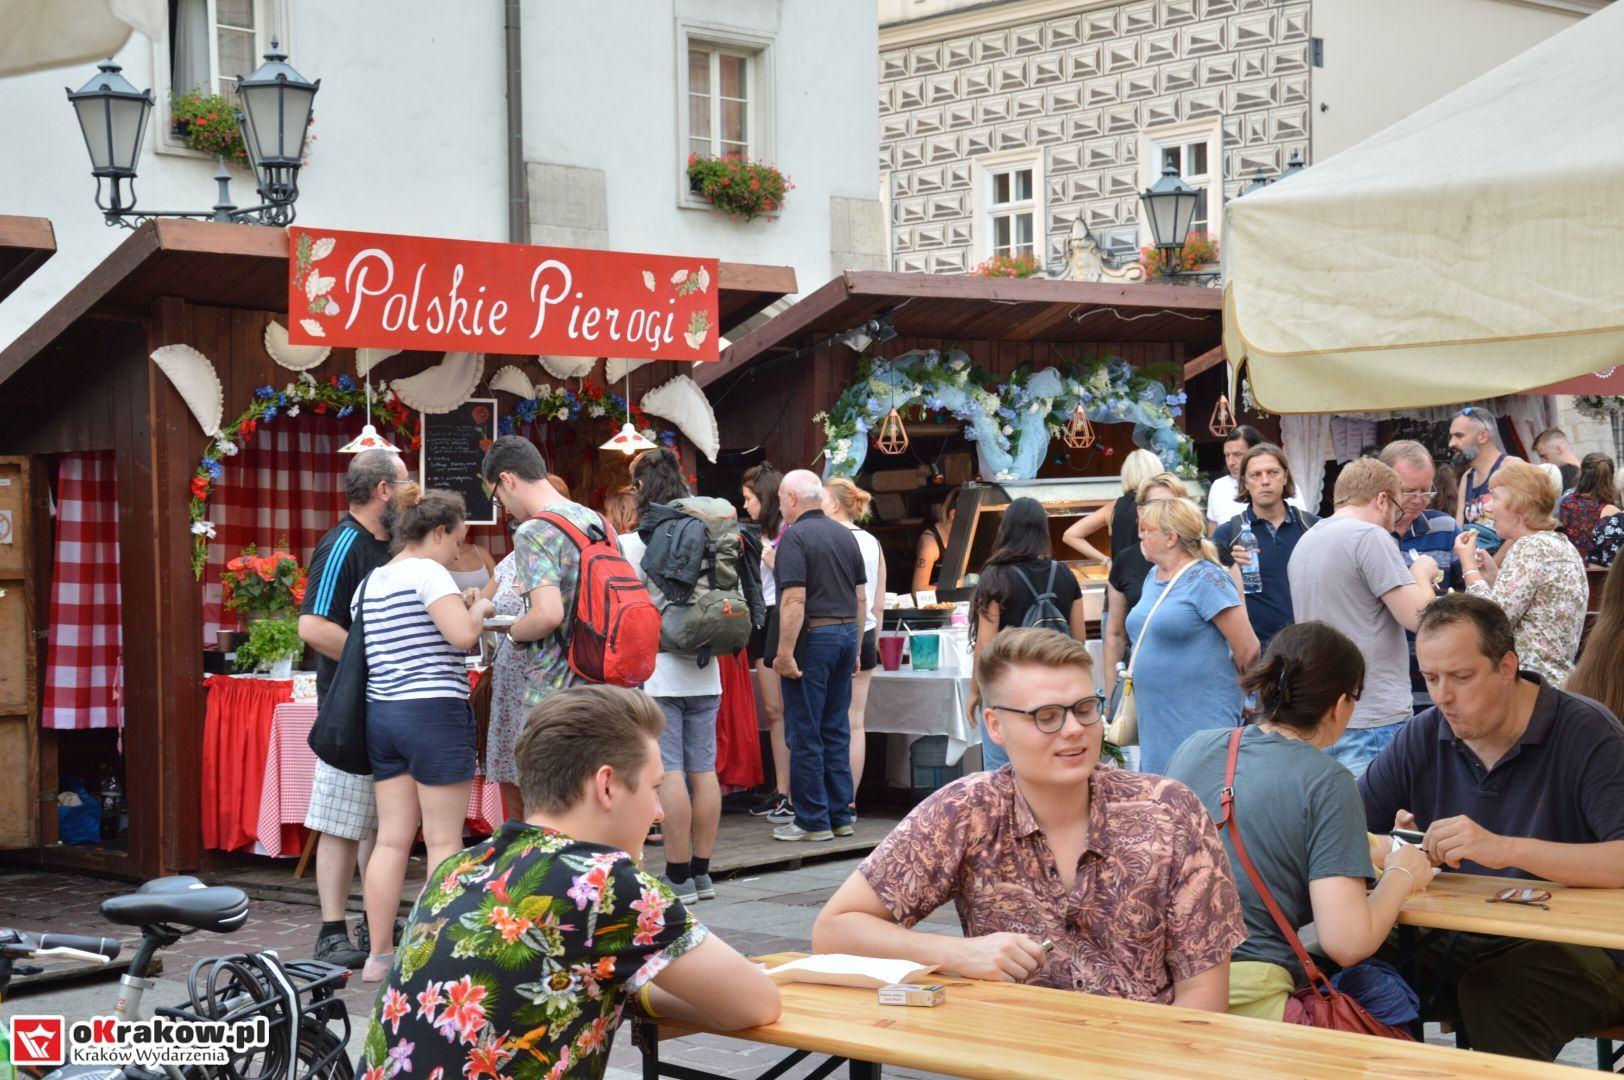 krakow festiwal pierogow maly rynek koncert cheap tobacco 75 150x150 - Galeria zdjęć Festiwal Pierogów Kraków 2018 + zdjęcia z koncertu Cheap Tobacco